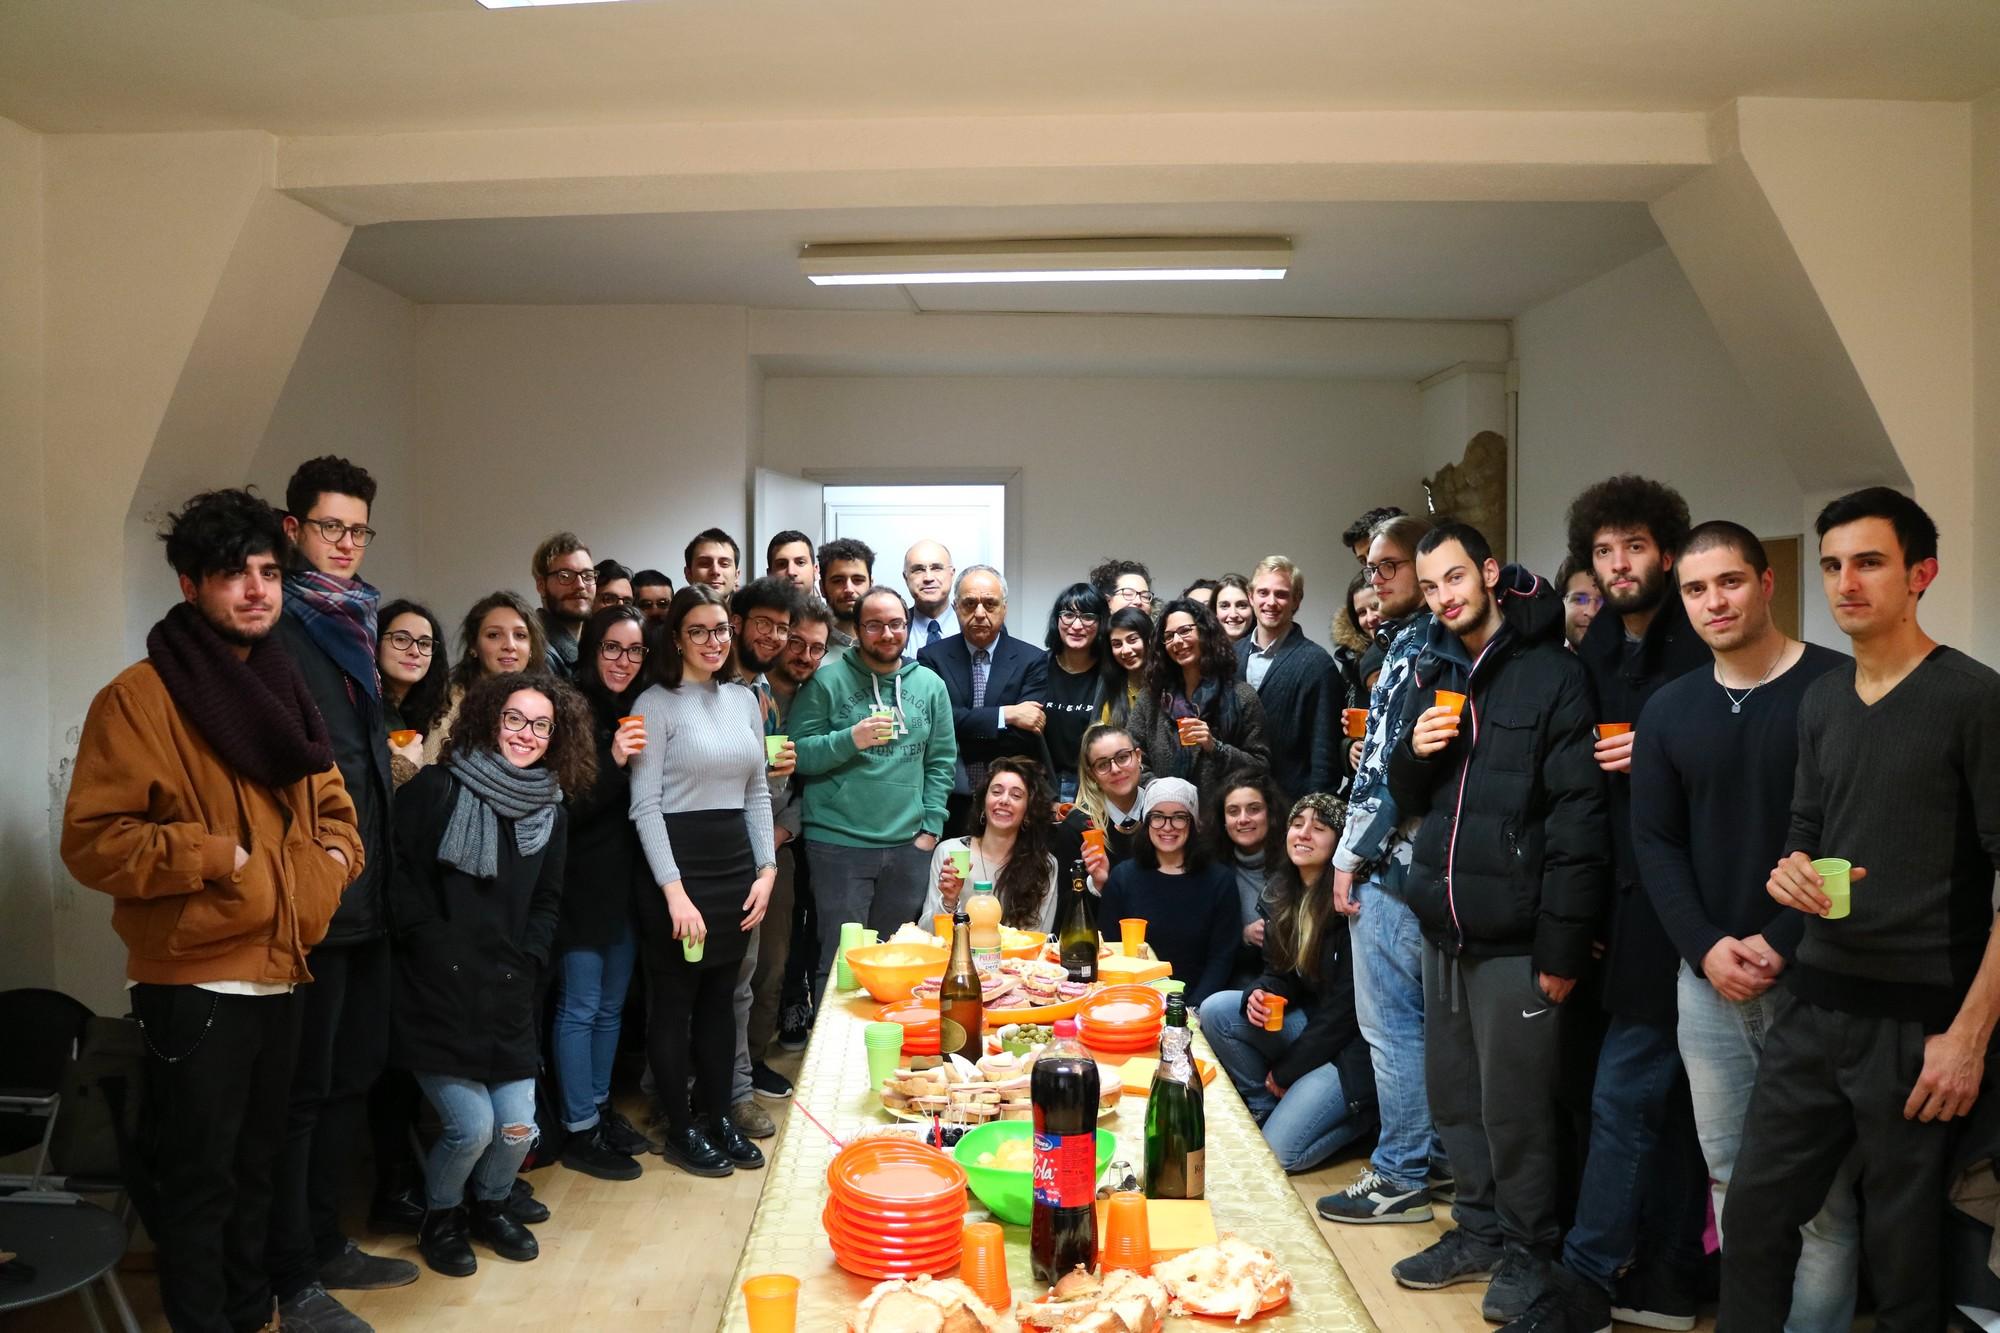 Unimc, inaugurato lo spazio autogestito dagli studenti